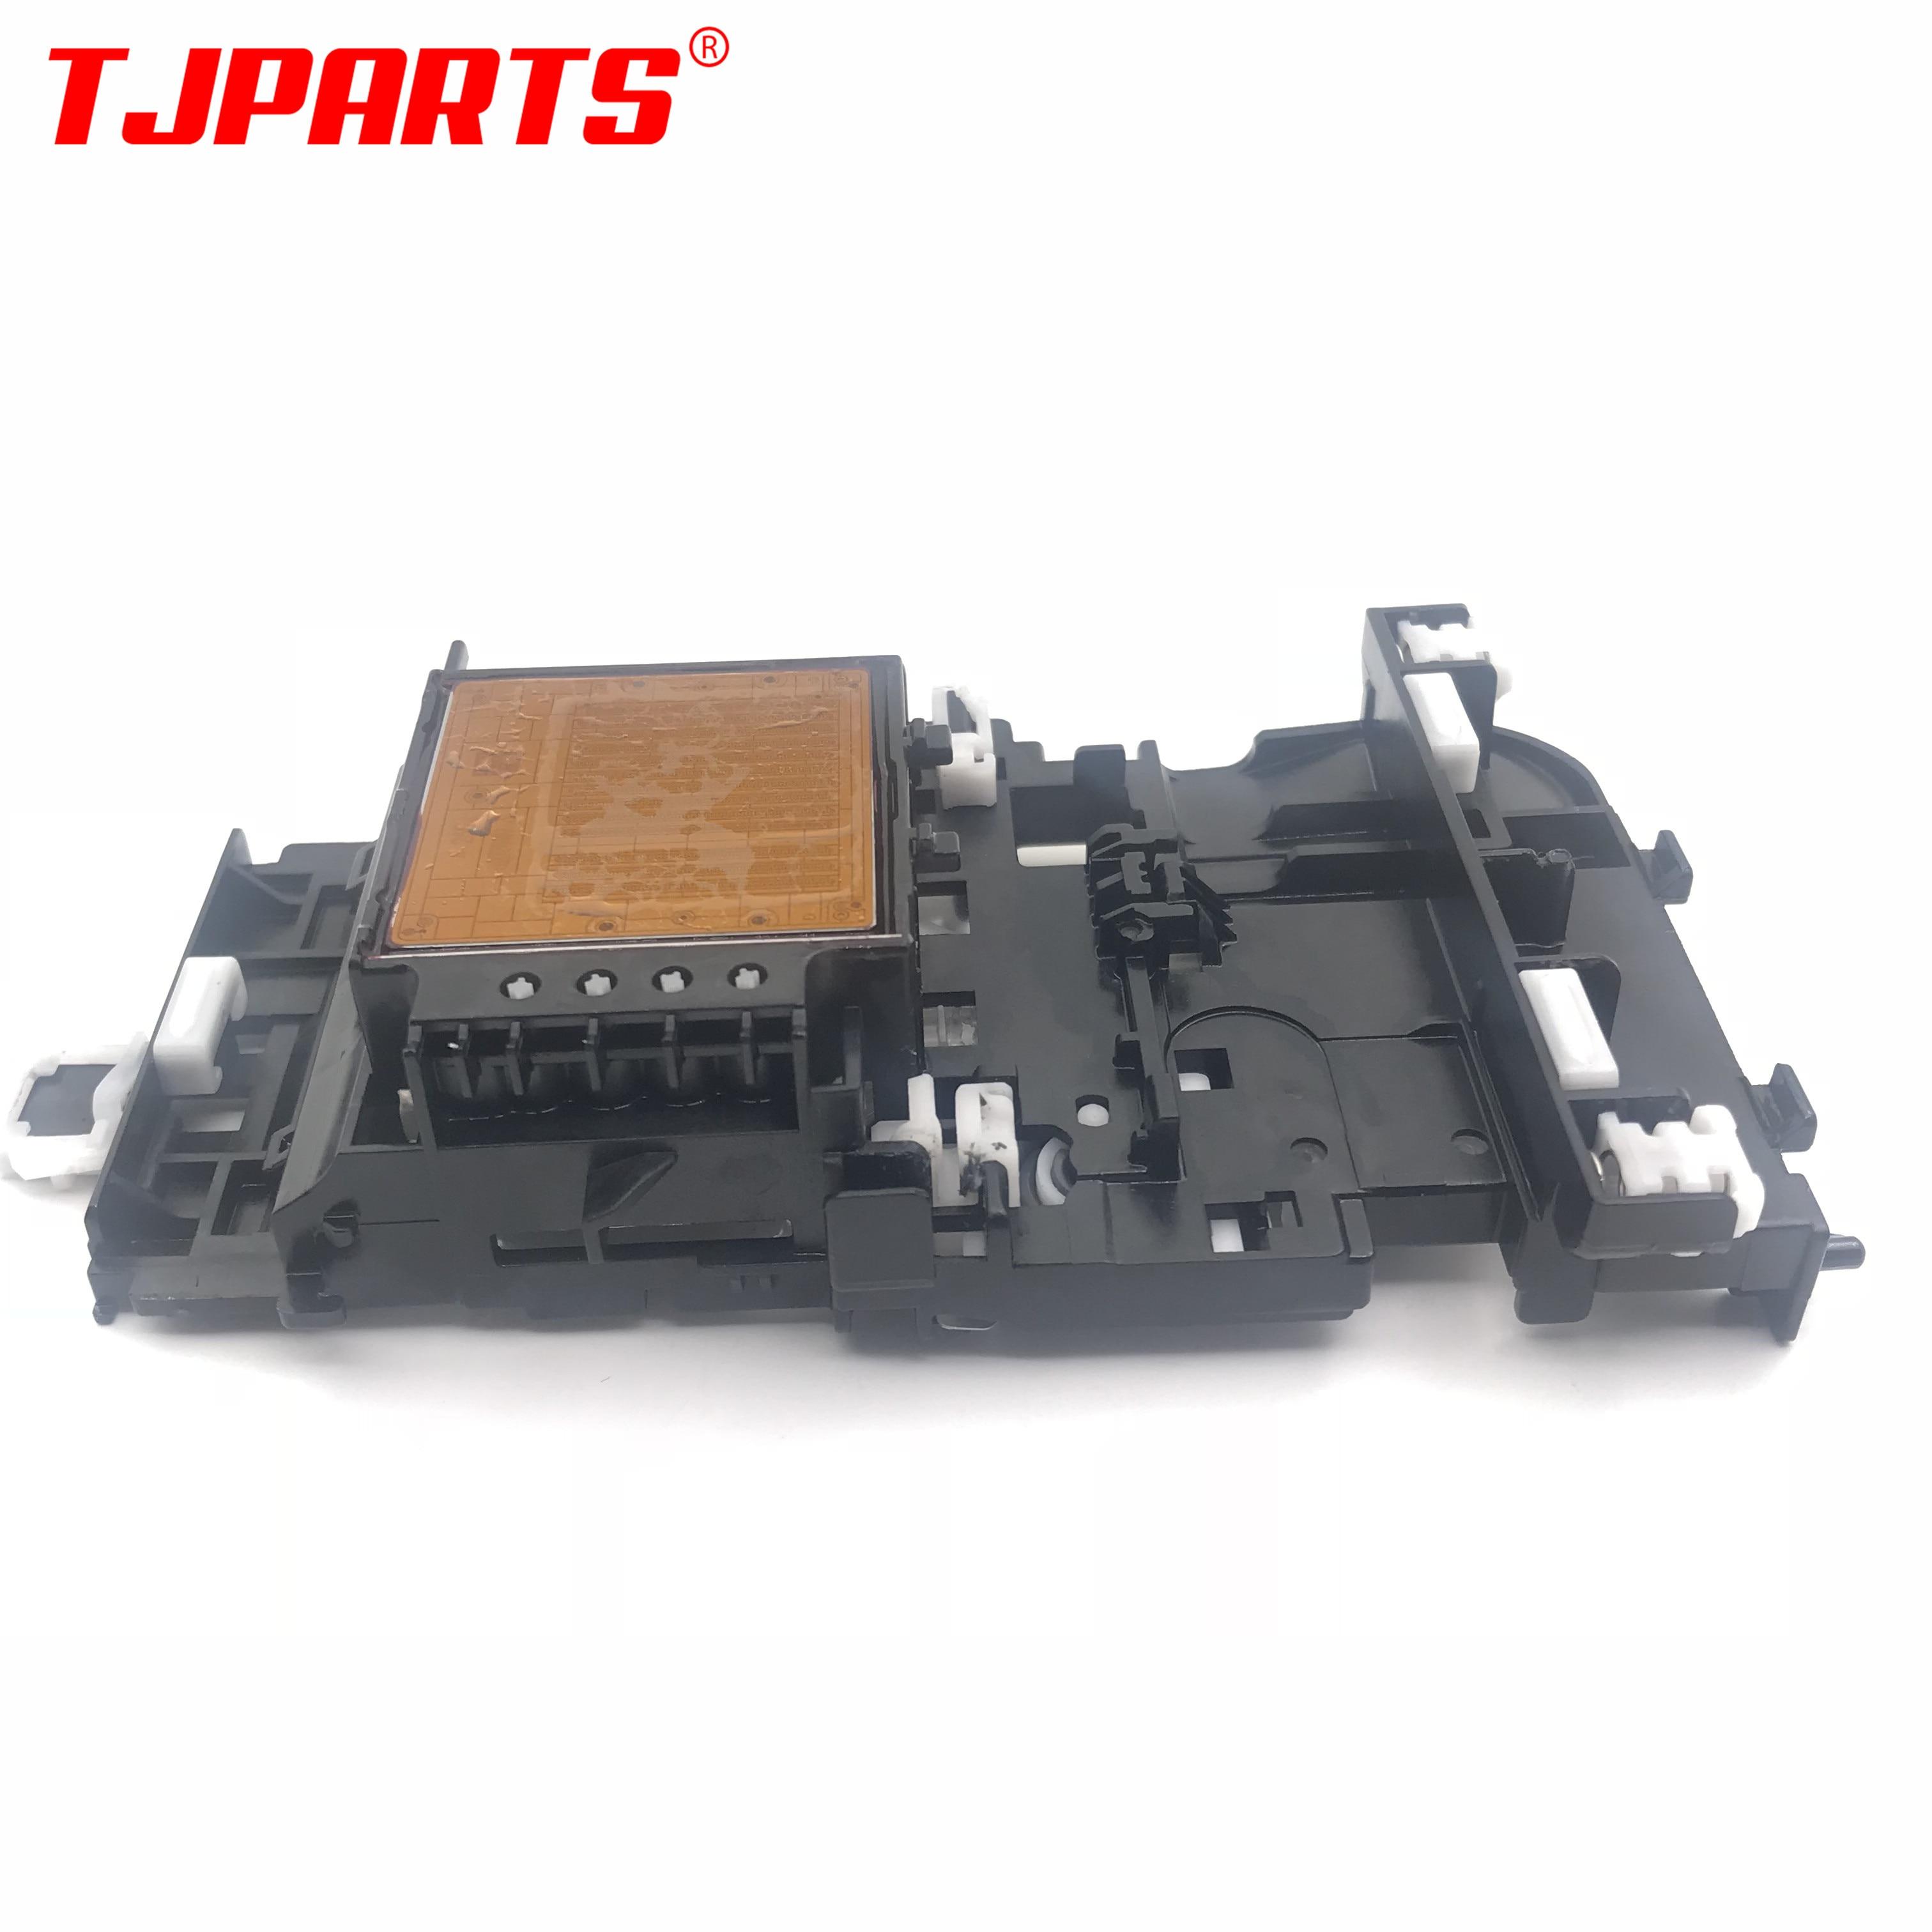 LK6090001 LK60 90001 Printhead Print Head for Brother J280 J425 J430 J435 J525 J625 J725 J825 J835 J925 J6510 J6710 J6910 J5910|Printer Parts| |  - title=